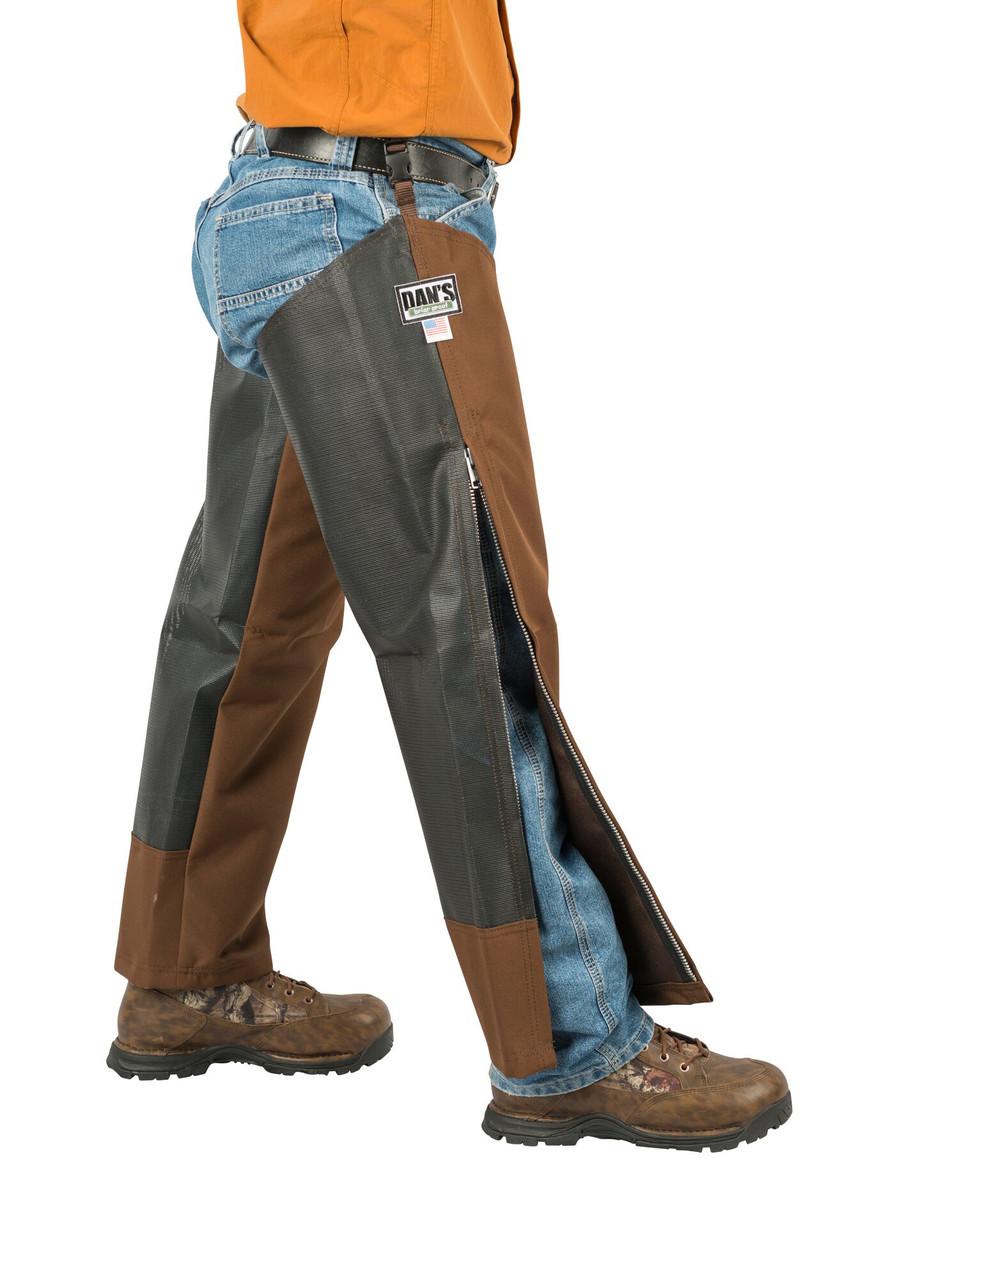 Dan's Hunting Gear - 612 Dog Days chaps - Briarproof - Windwalker Outdoors - Side w/zipper open